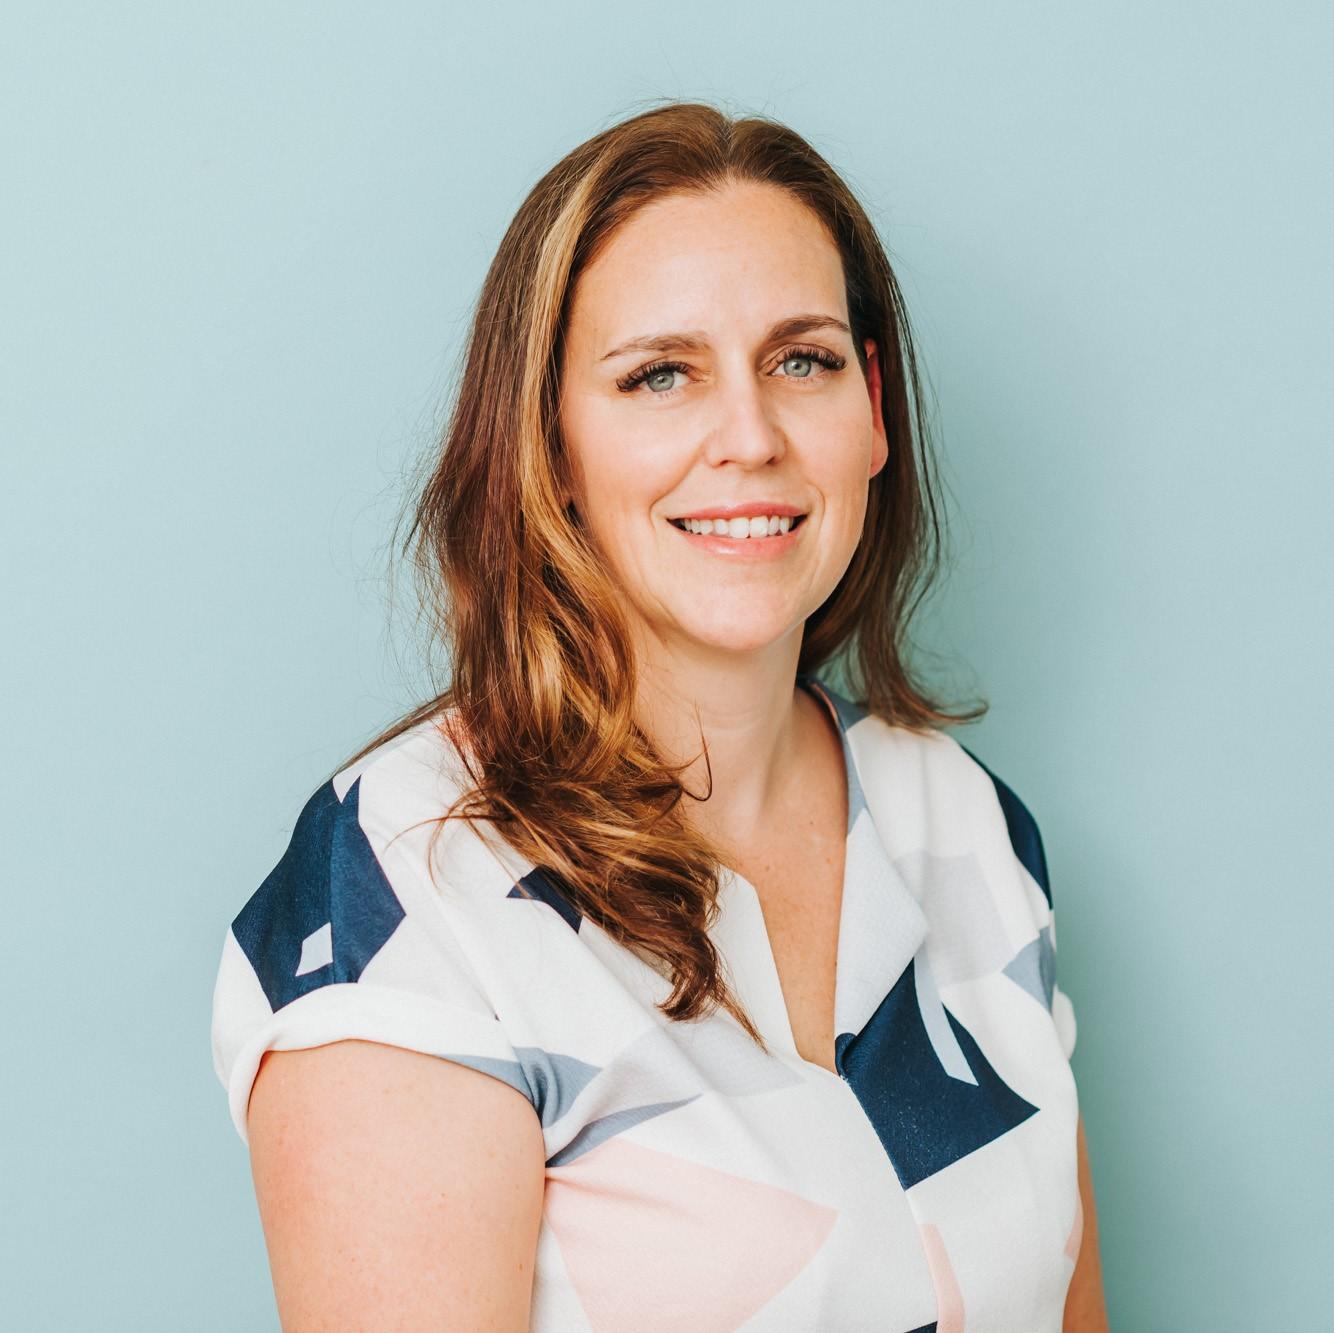 Shelley Baker - Conveyancing Manager clerk@nestlegal.com.au 03 9070 8201